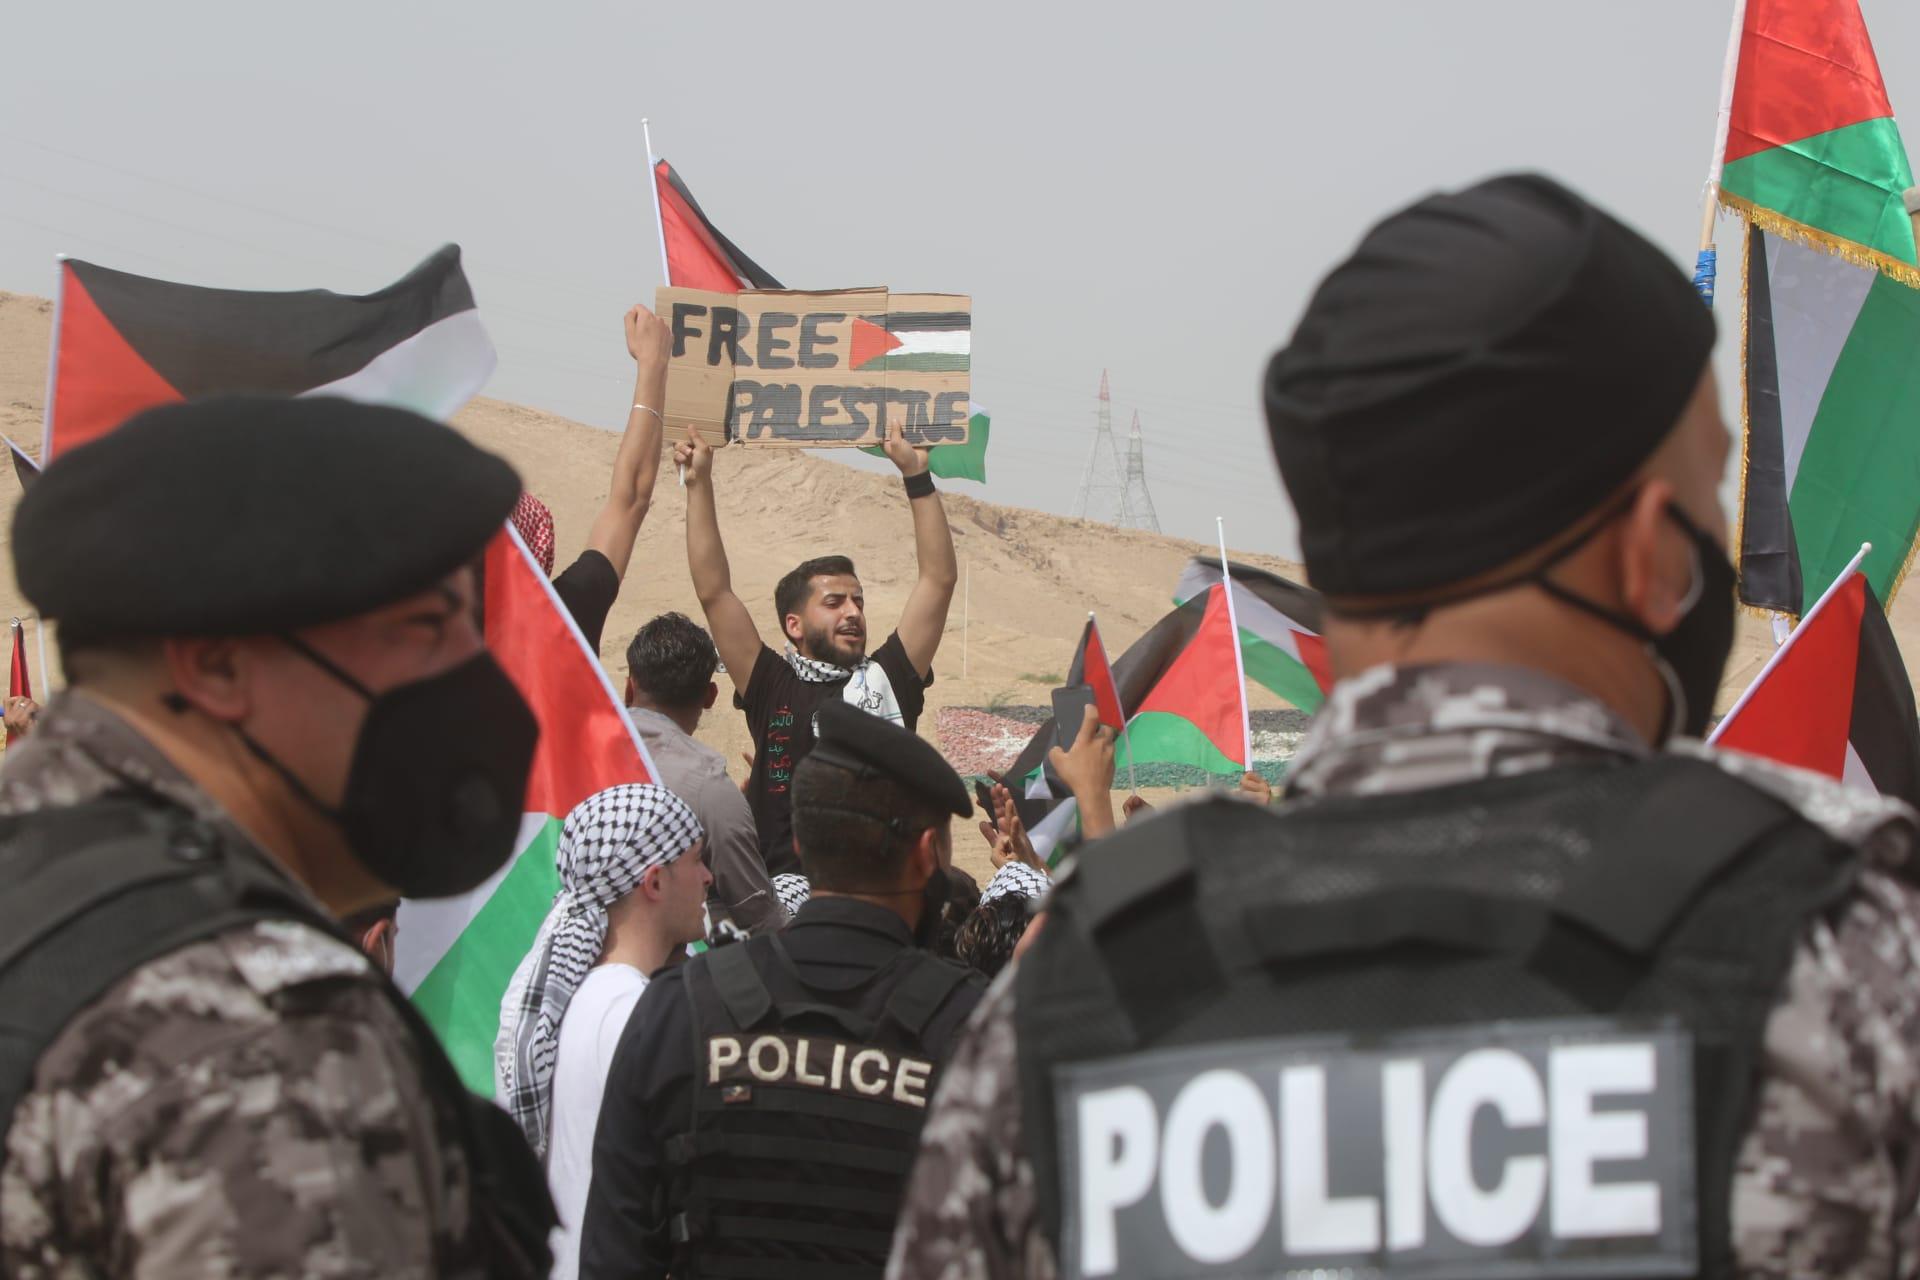 صورة أرشيفية لأردنيين يتظاهرون قرب الحدود مع إسرائيل تضامنا مع الفلسطينيين